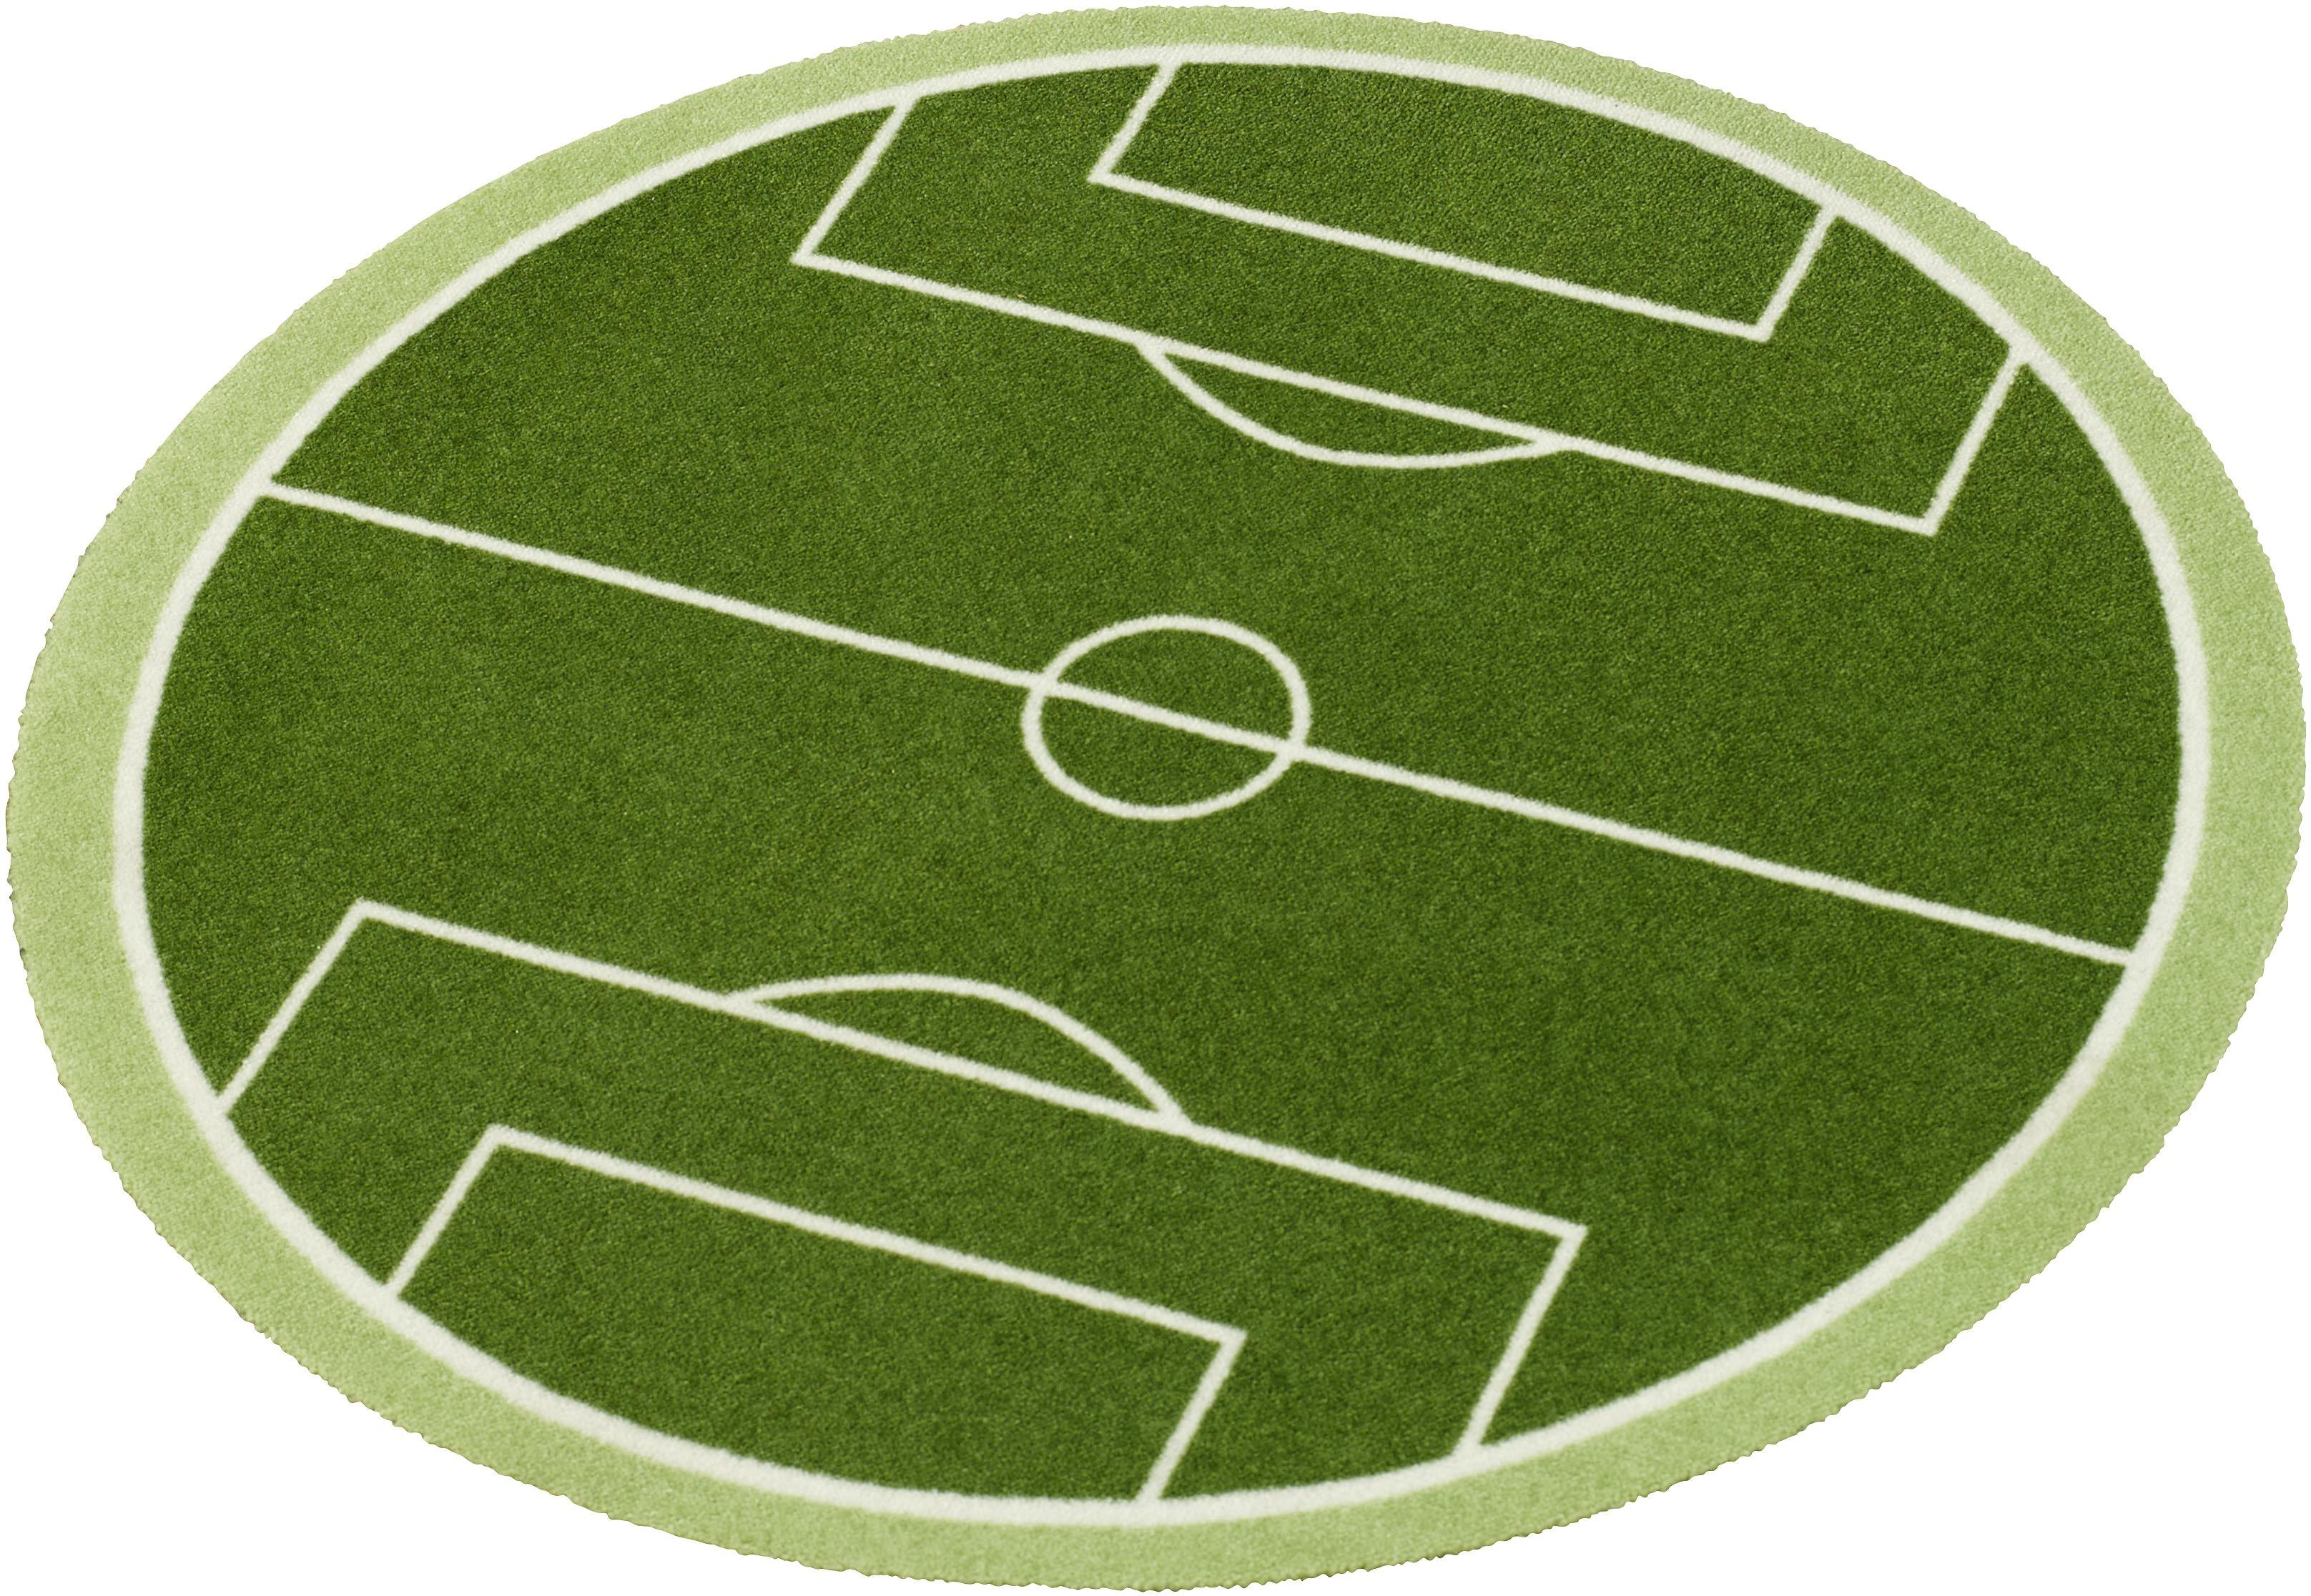 Teppich »Fußballfeld«, Zala Living, rund, Höhe 7 mm